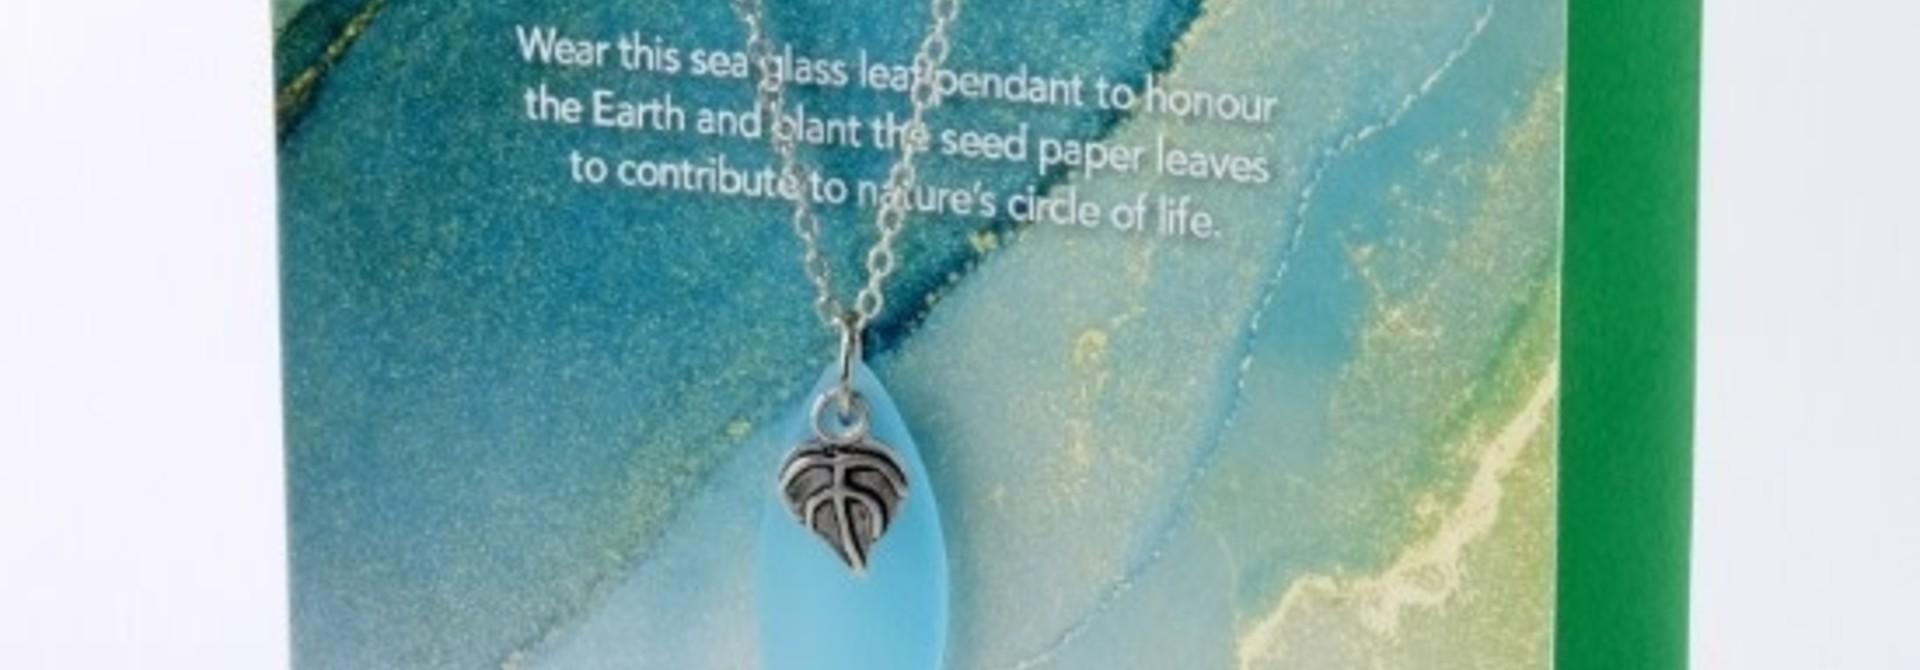 Mini Greeting Card with Leaf Aqua Sea Glass necklace